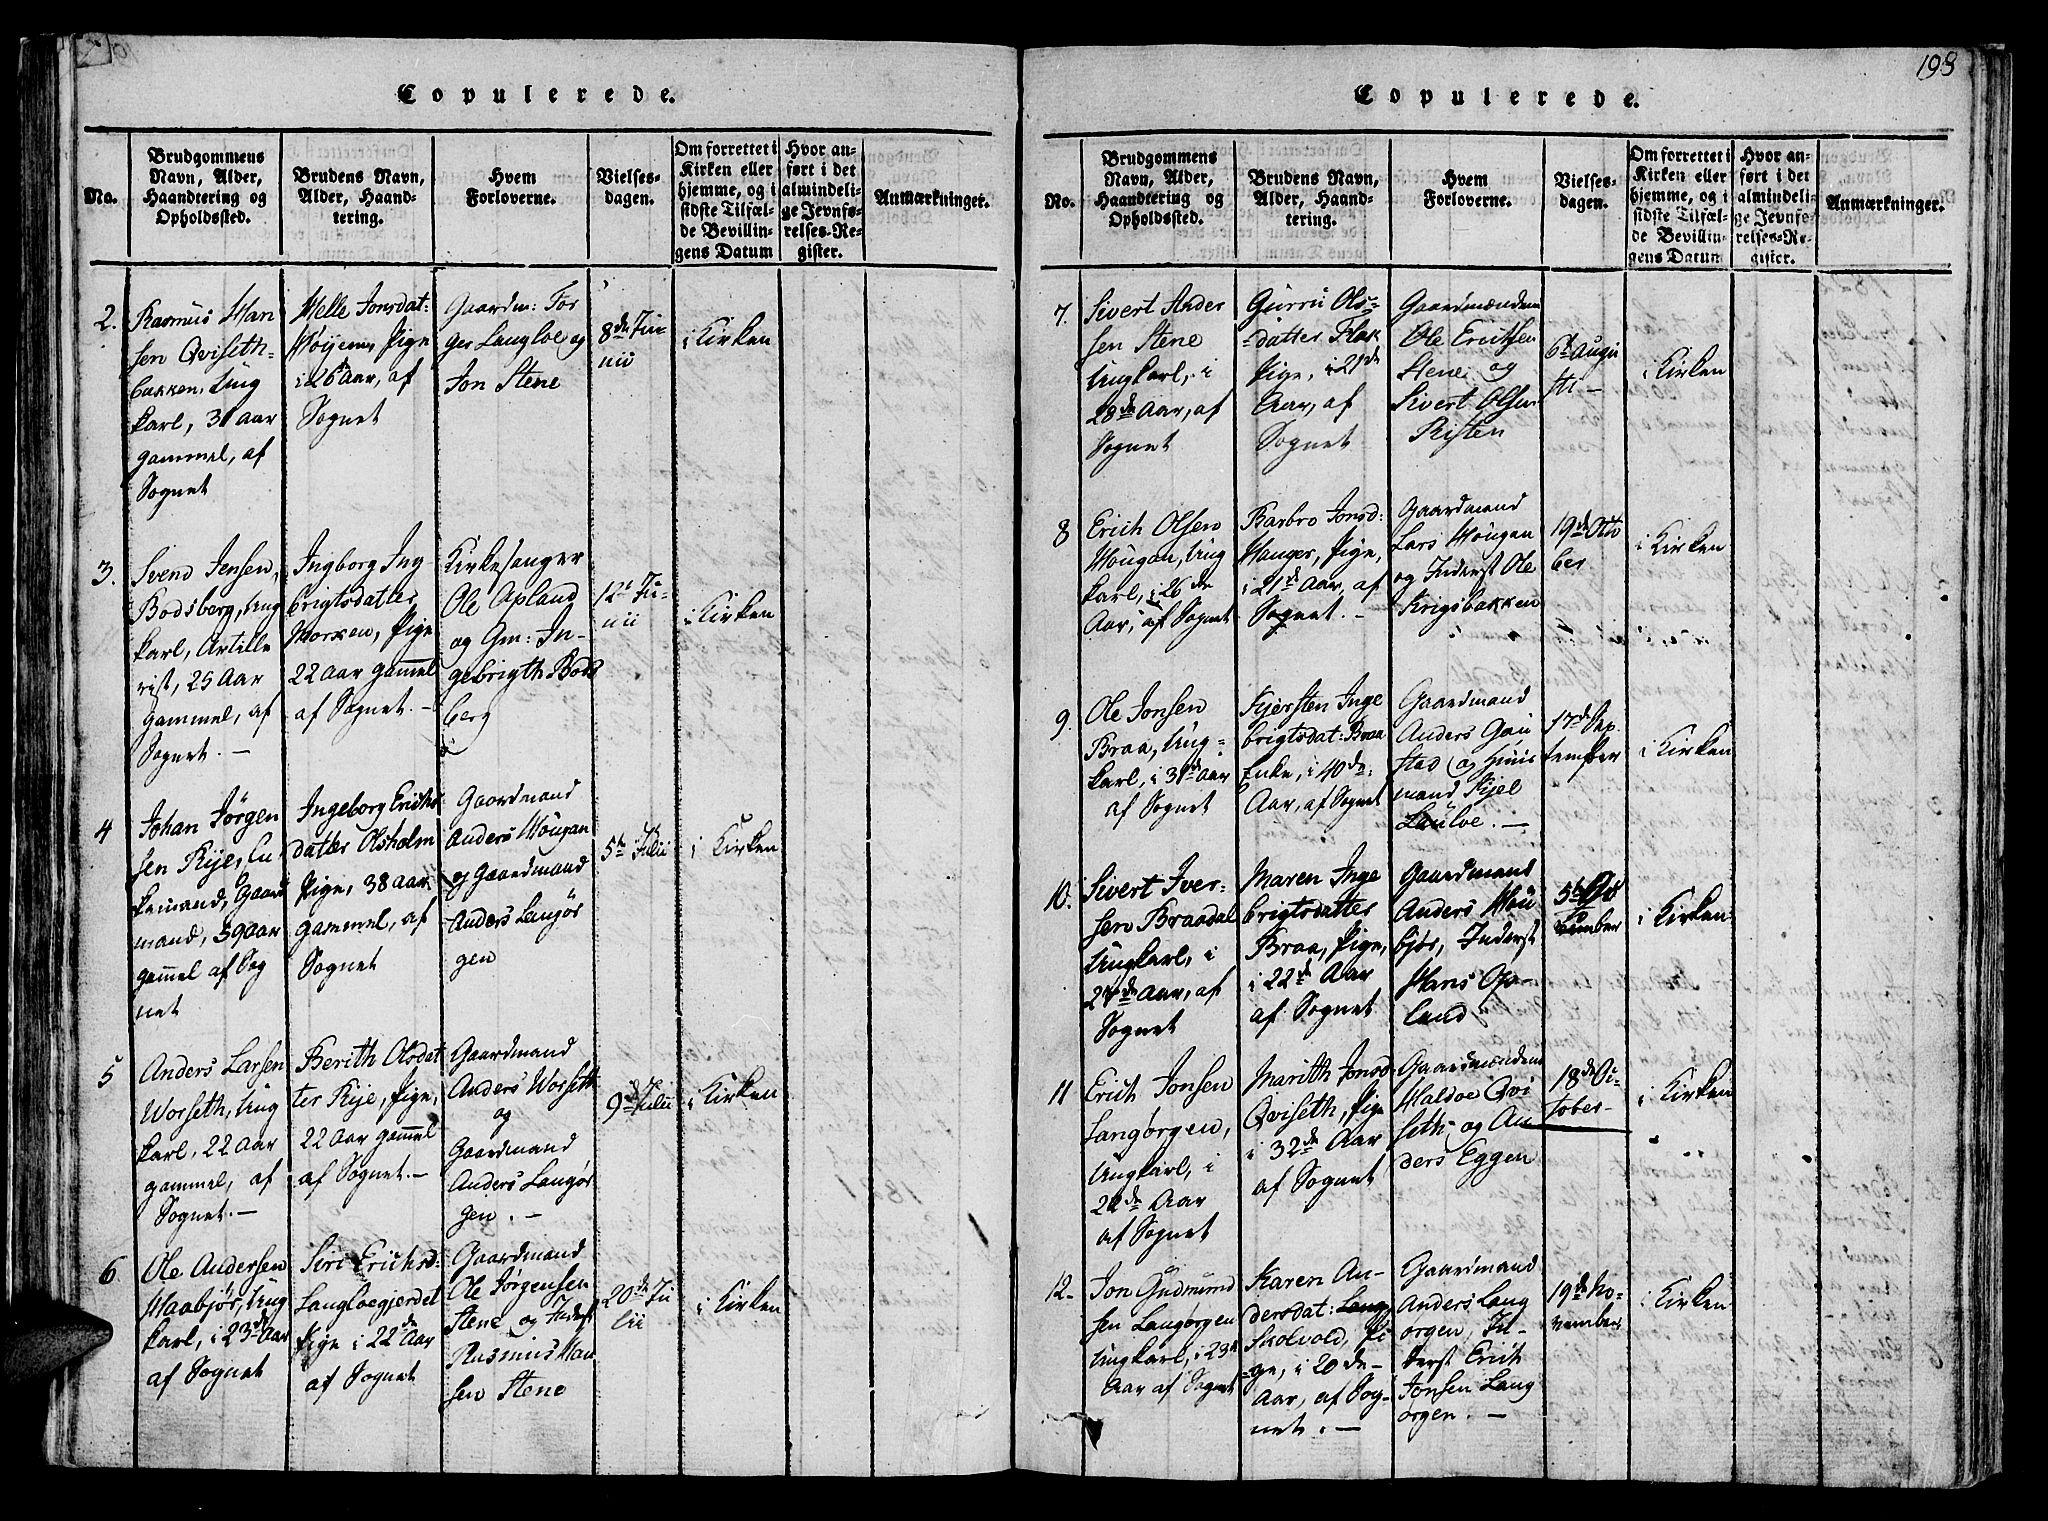 SAT, Ministerialprotokoller, klokkerbøker og fødselsregistre - Sør-Trøndelag, 612/L0372: Ministerialbok nr. 612A06 /1, 1816-1828, s. 198